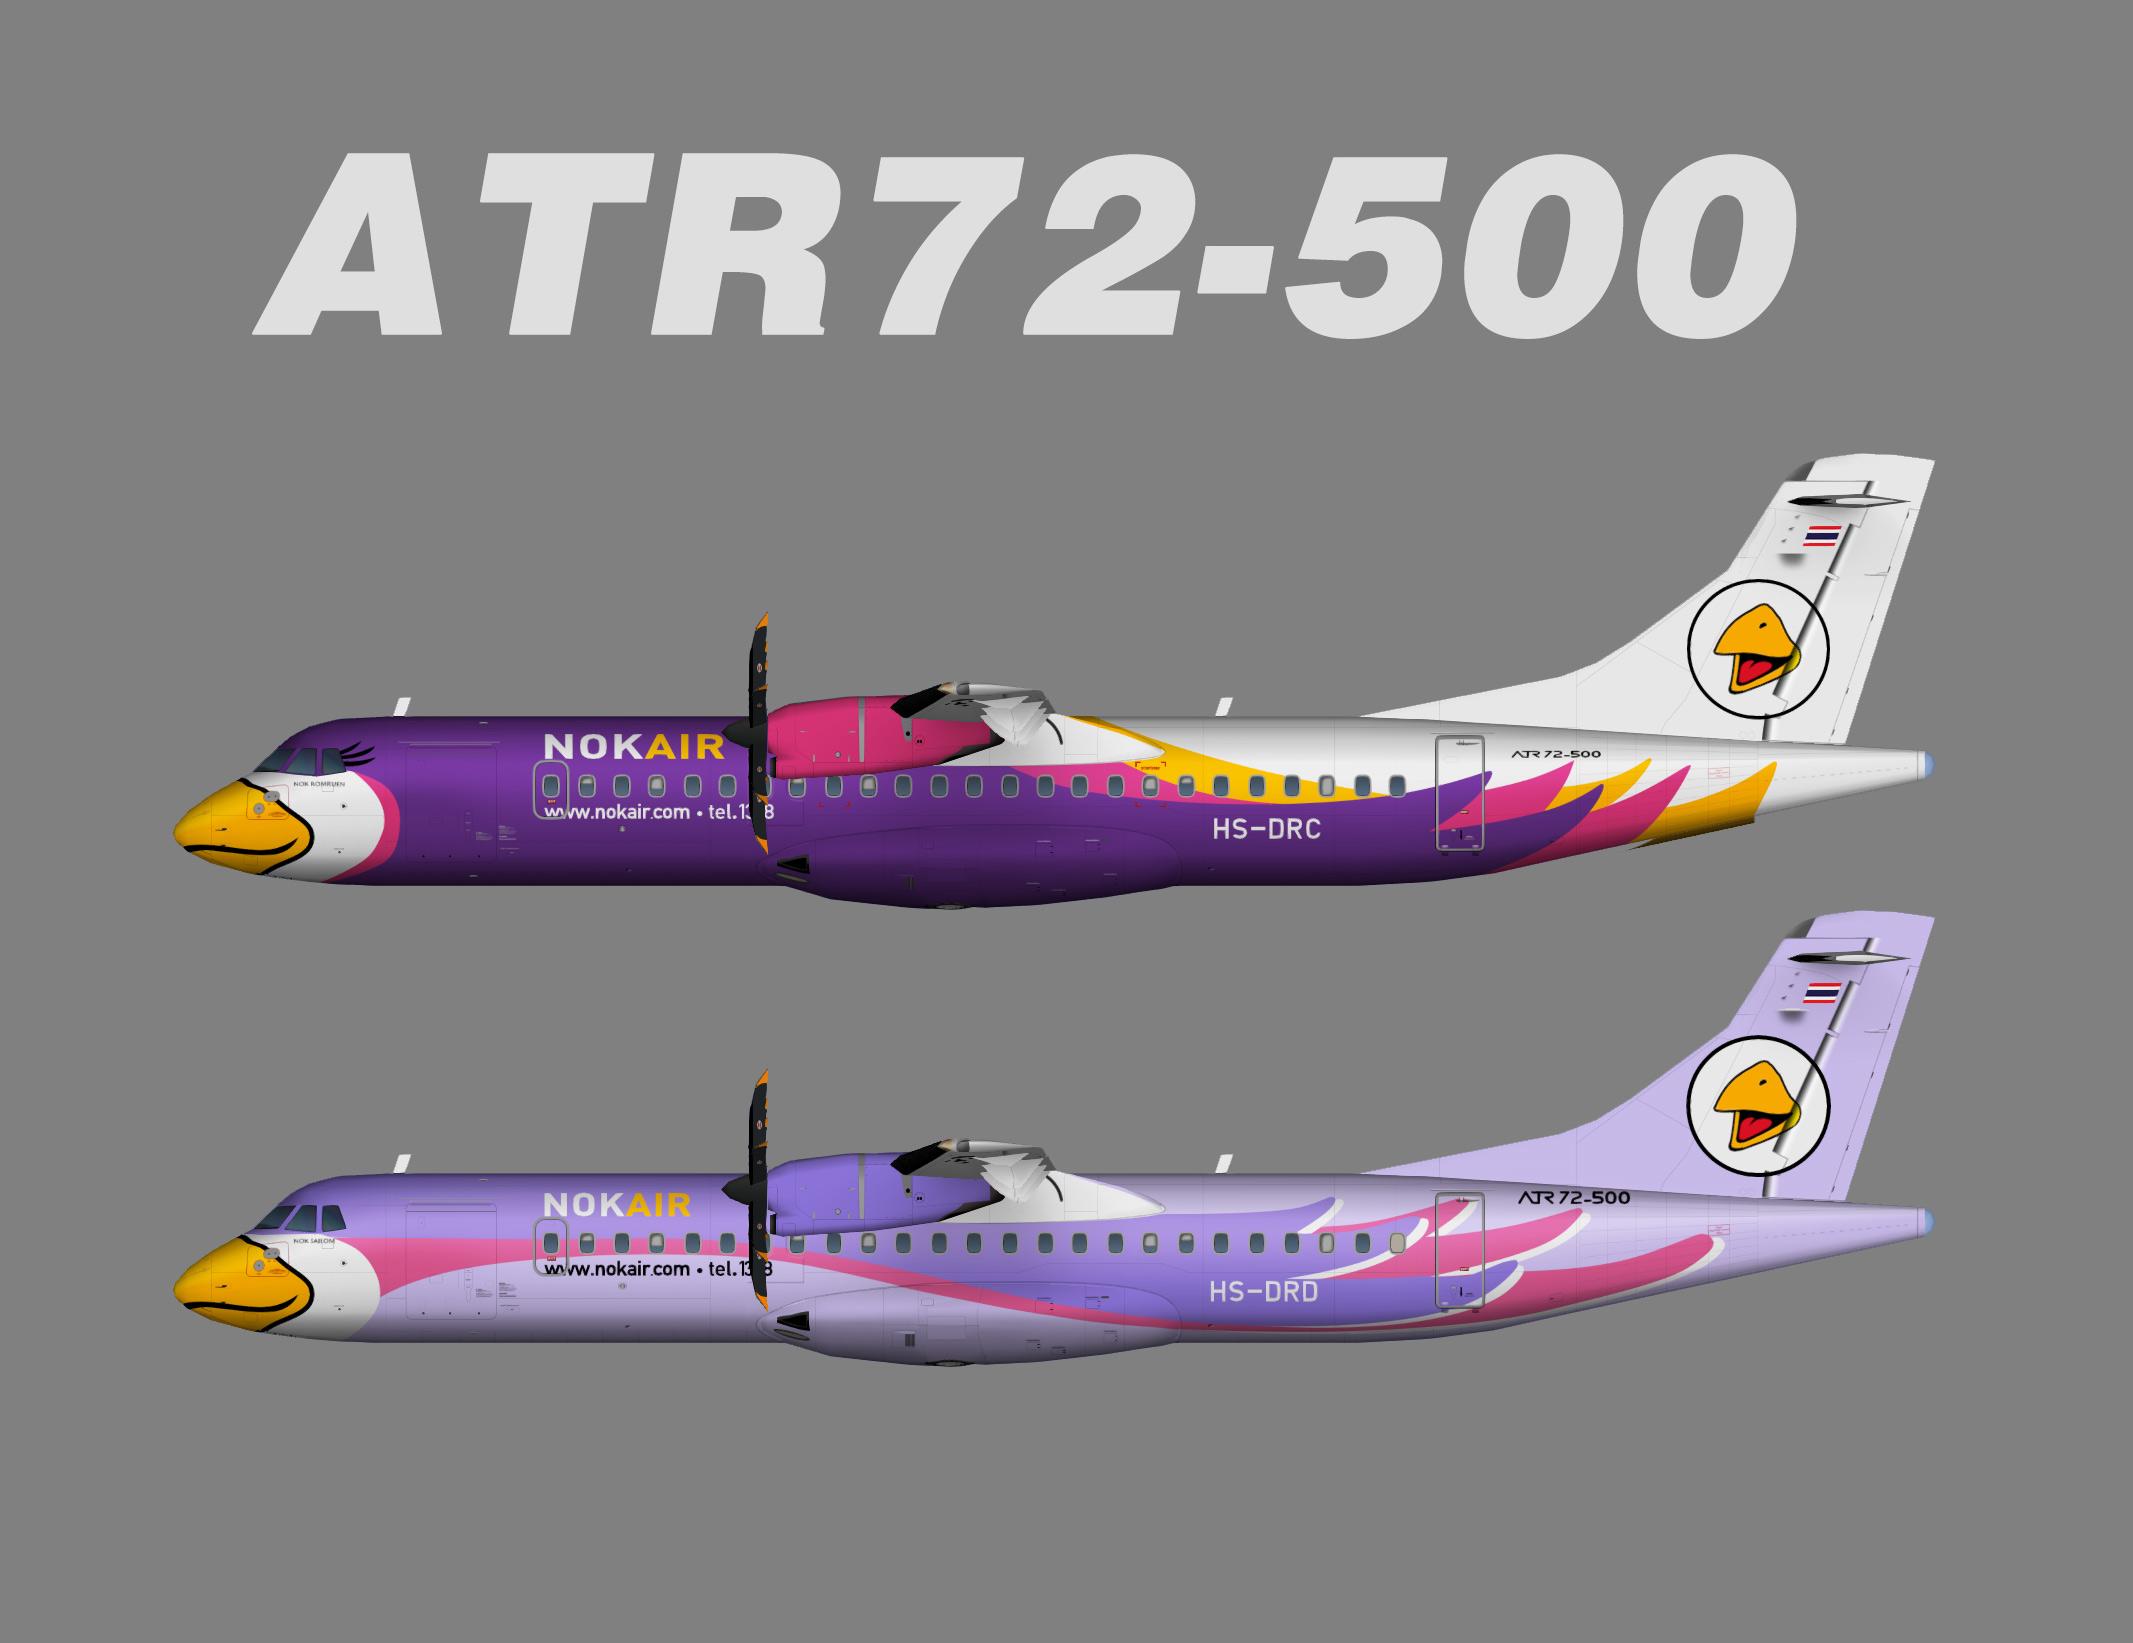 Nok Air ATR 72-200/500